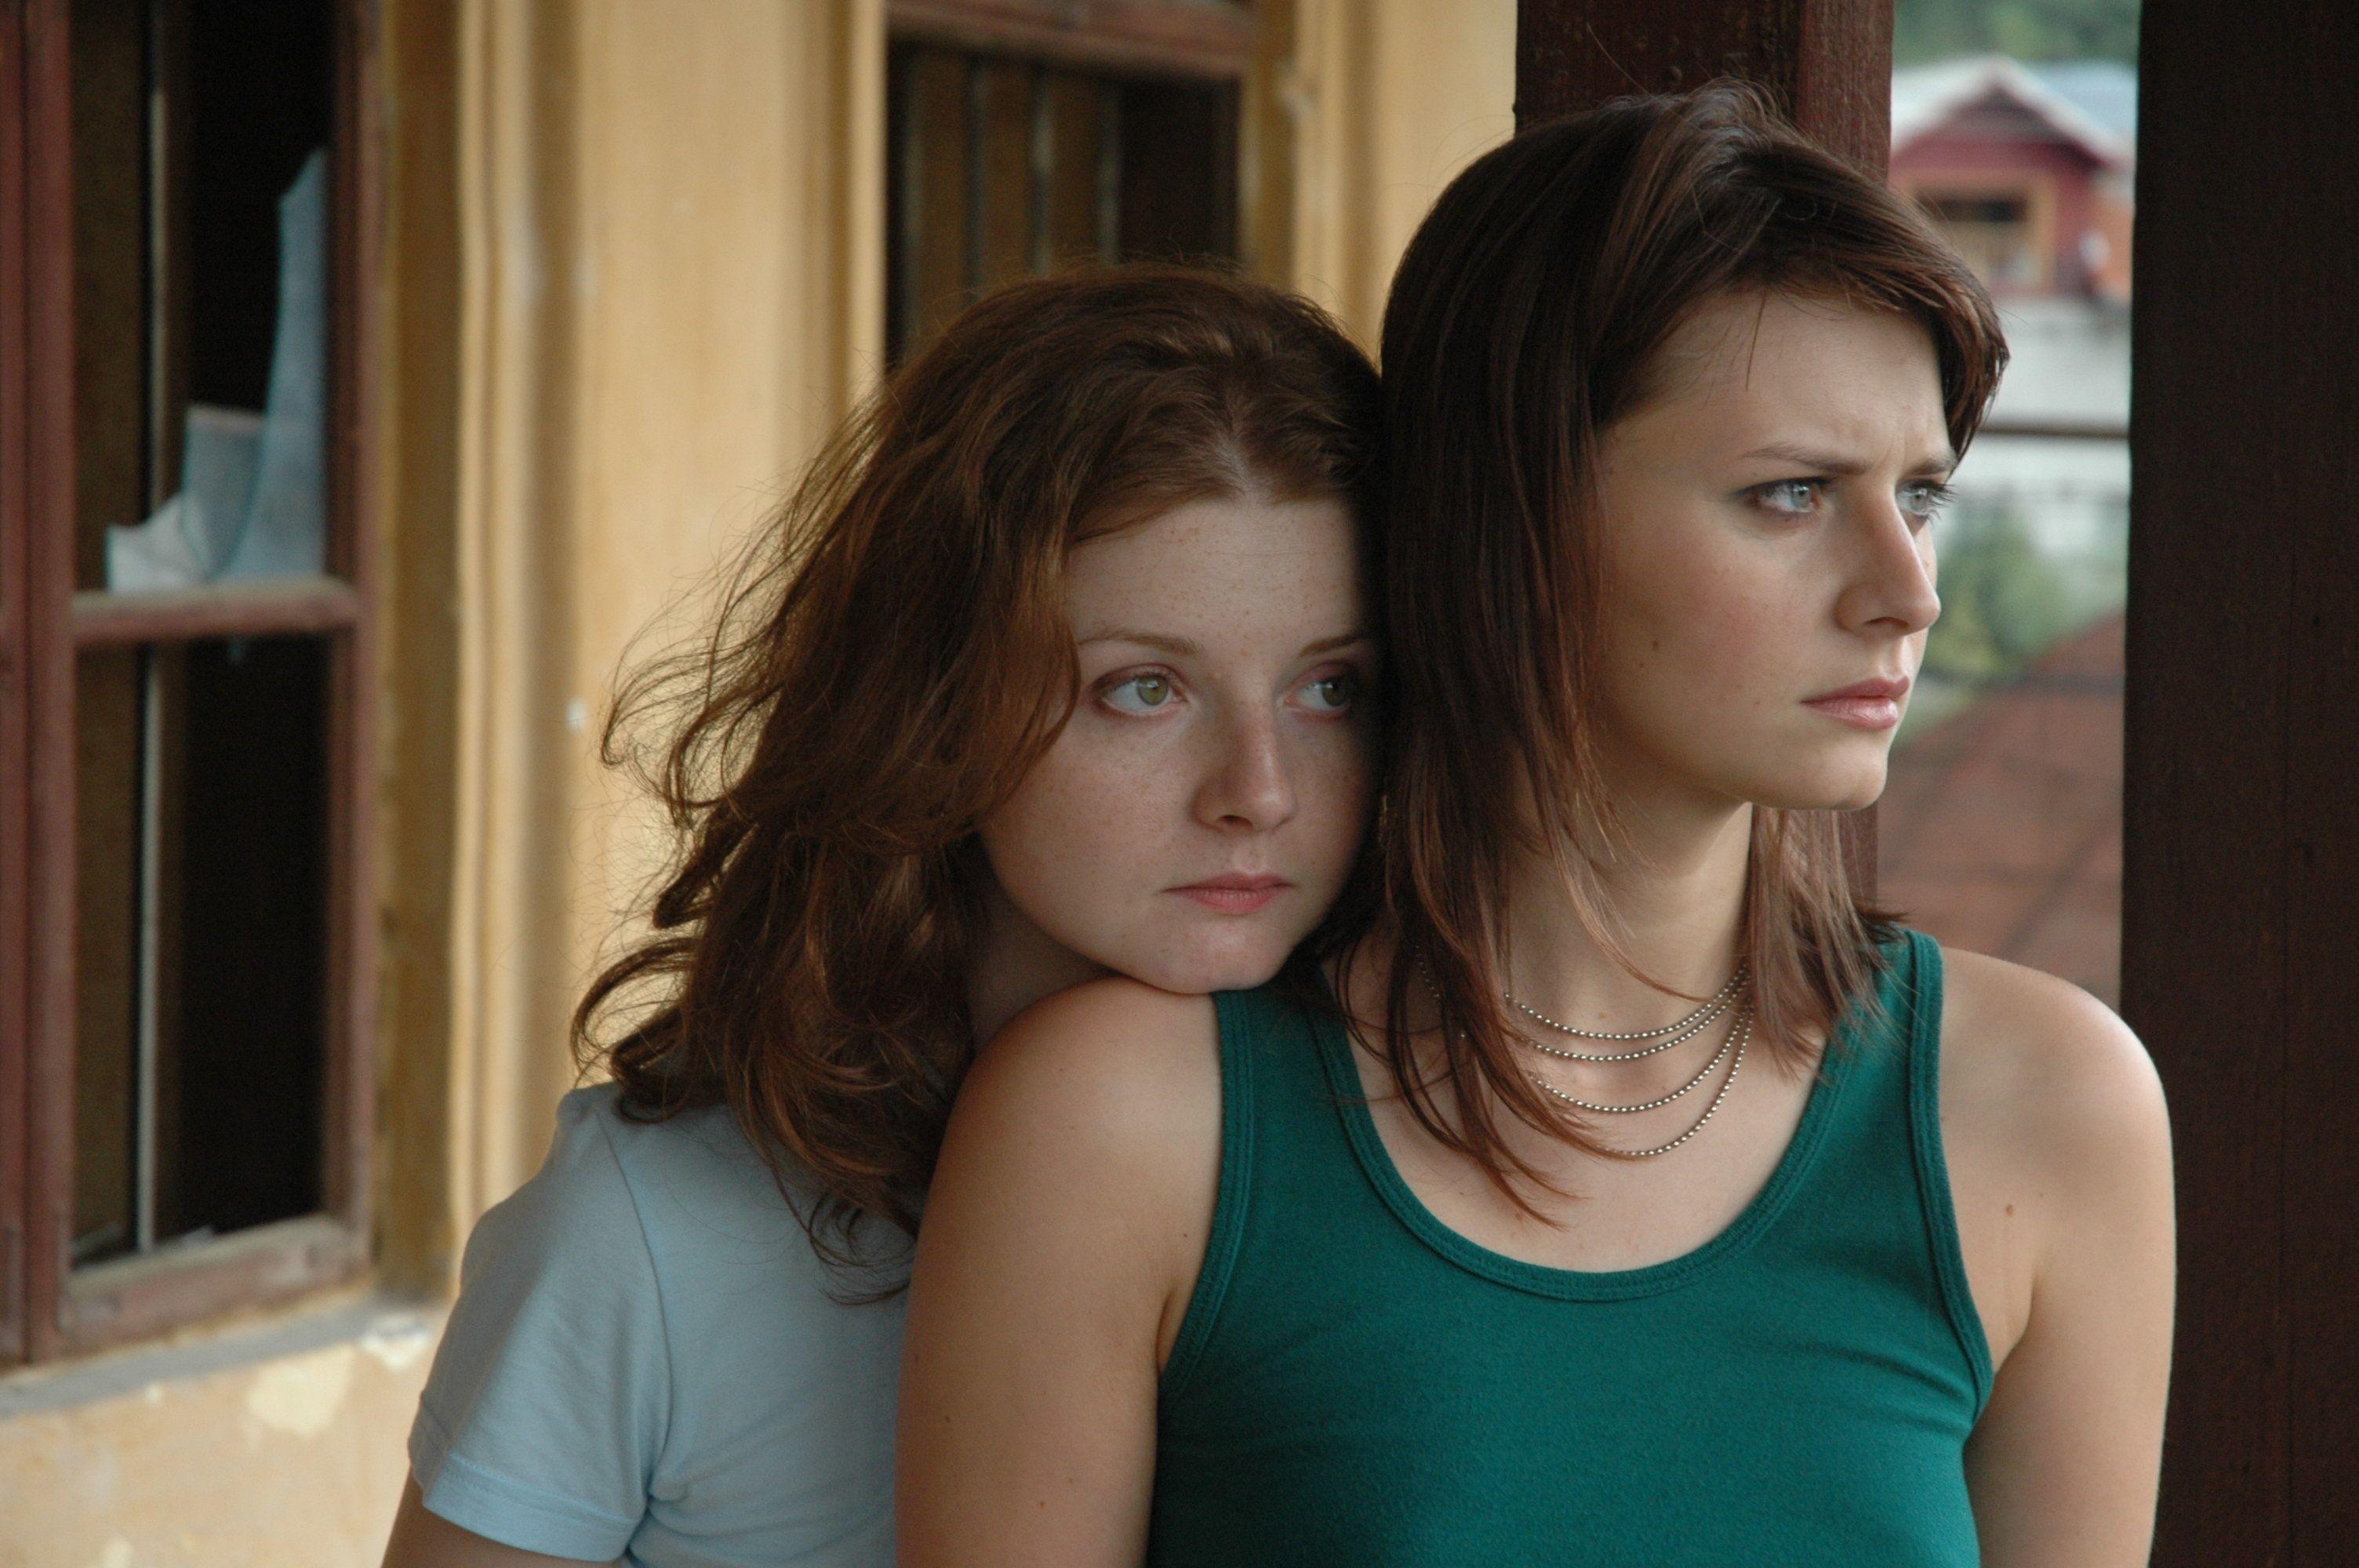 lesbiyskie-filmi-v-otlichnom-kachestve-smotrit-kak-troe